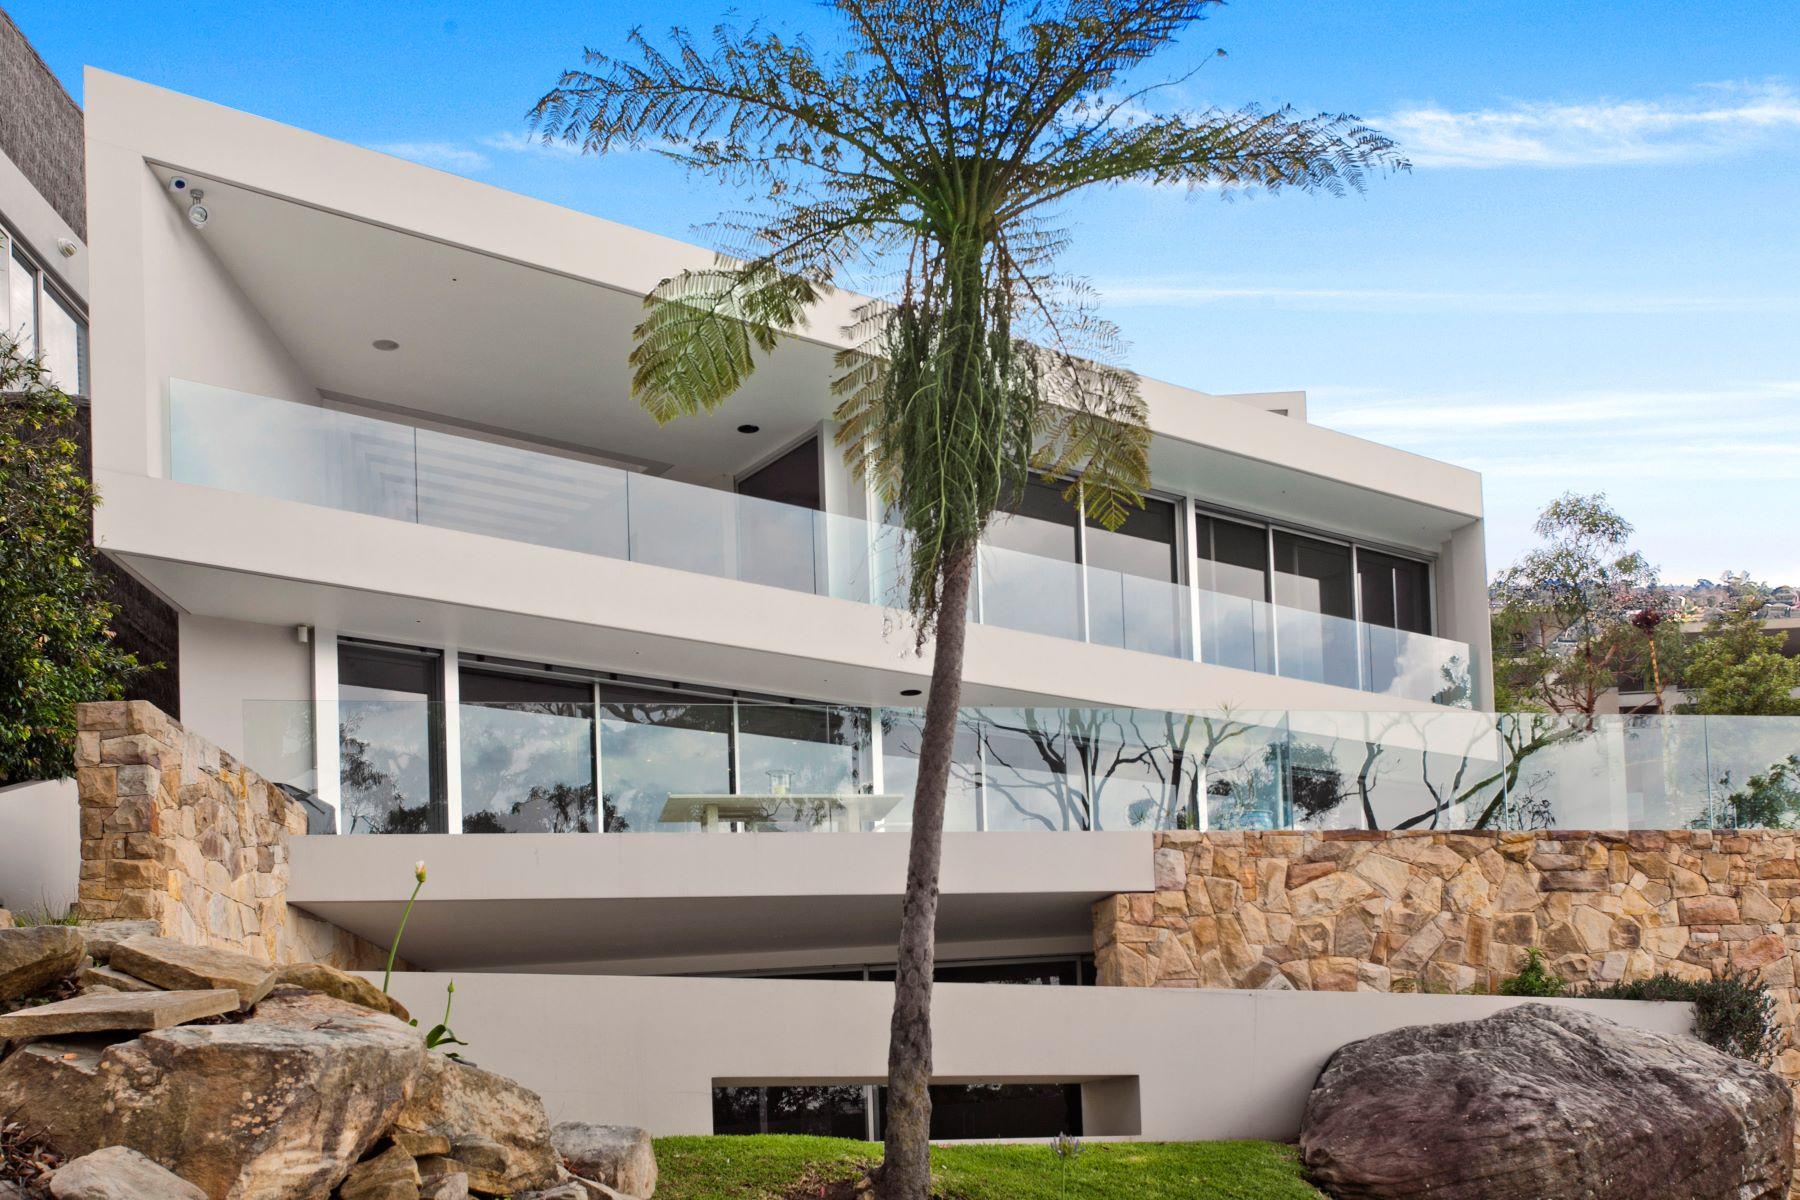 Частный односемейный дом для того Продажа на 38 Bay Street, Mosman Sydney, New South Wales, 2088 Австралия